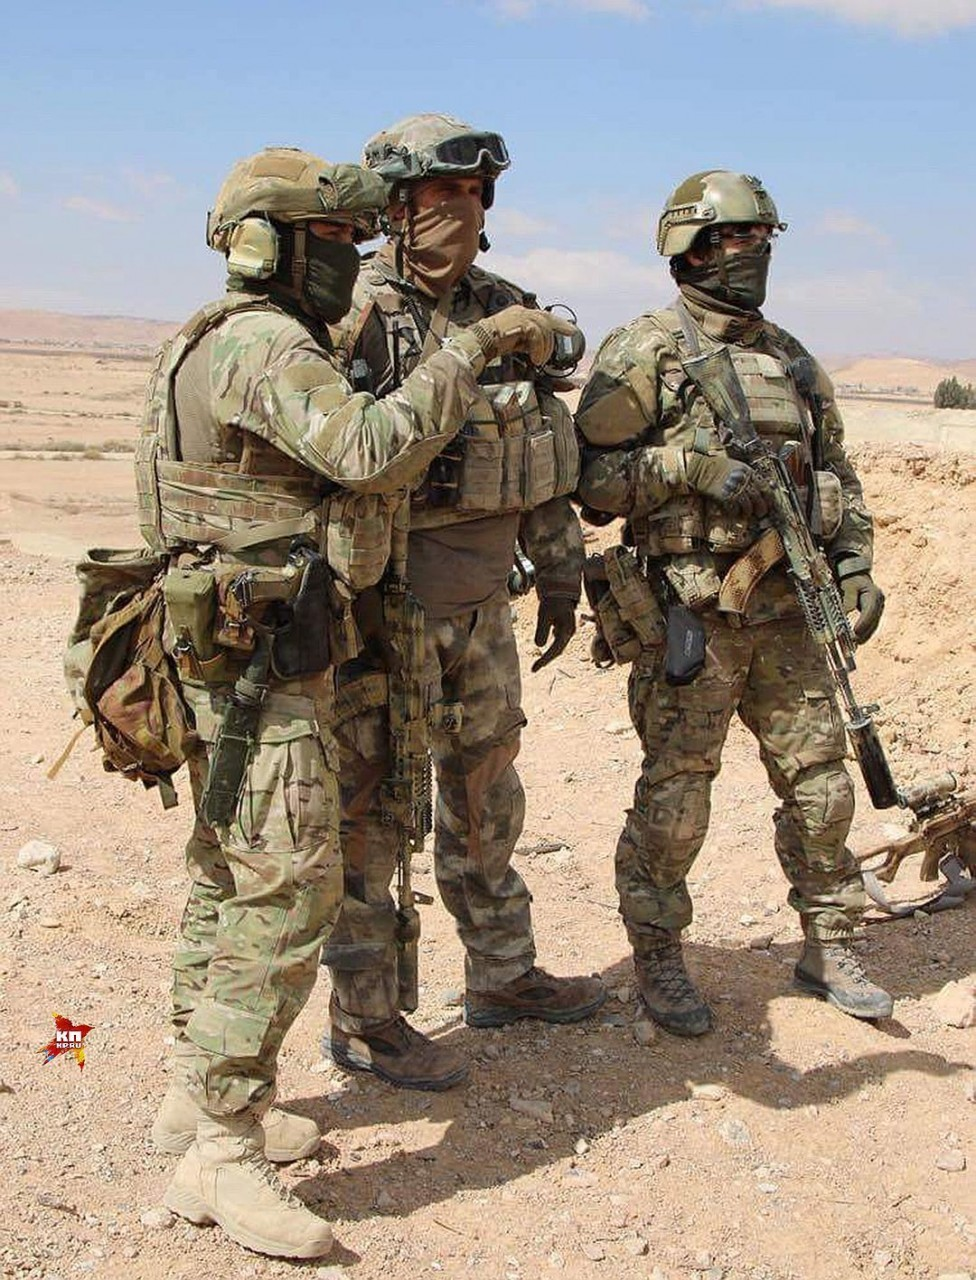 Убегали все, кроме одного русского солдата - американцы о подвиге спецназа РФ в Сирии